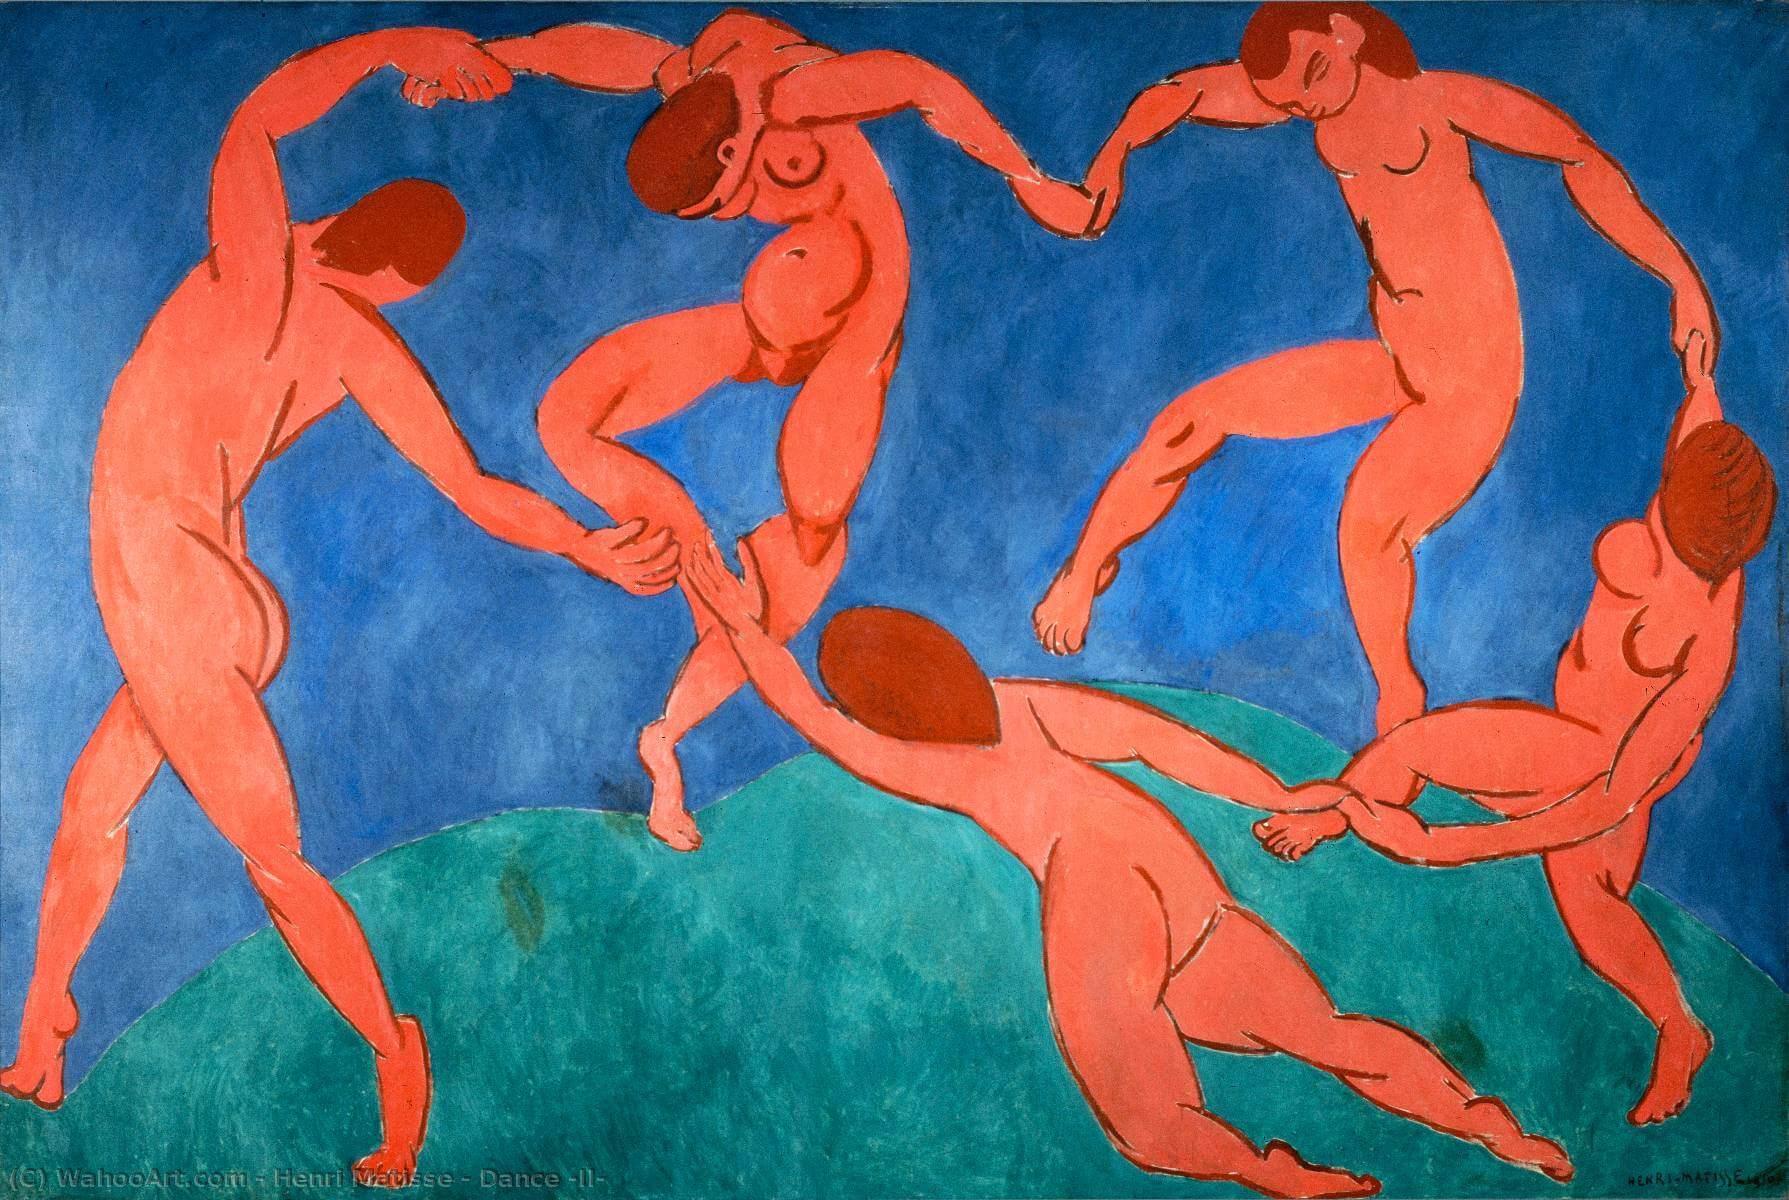 La danza II, 1909 - Henry Matisse - Fauvismo